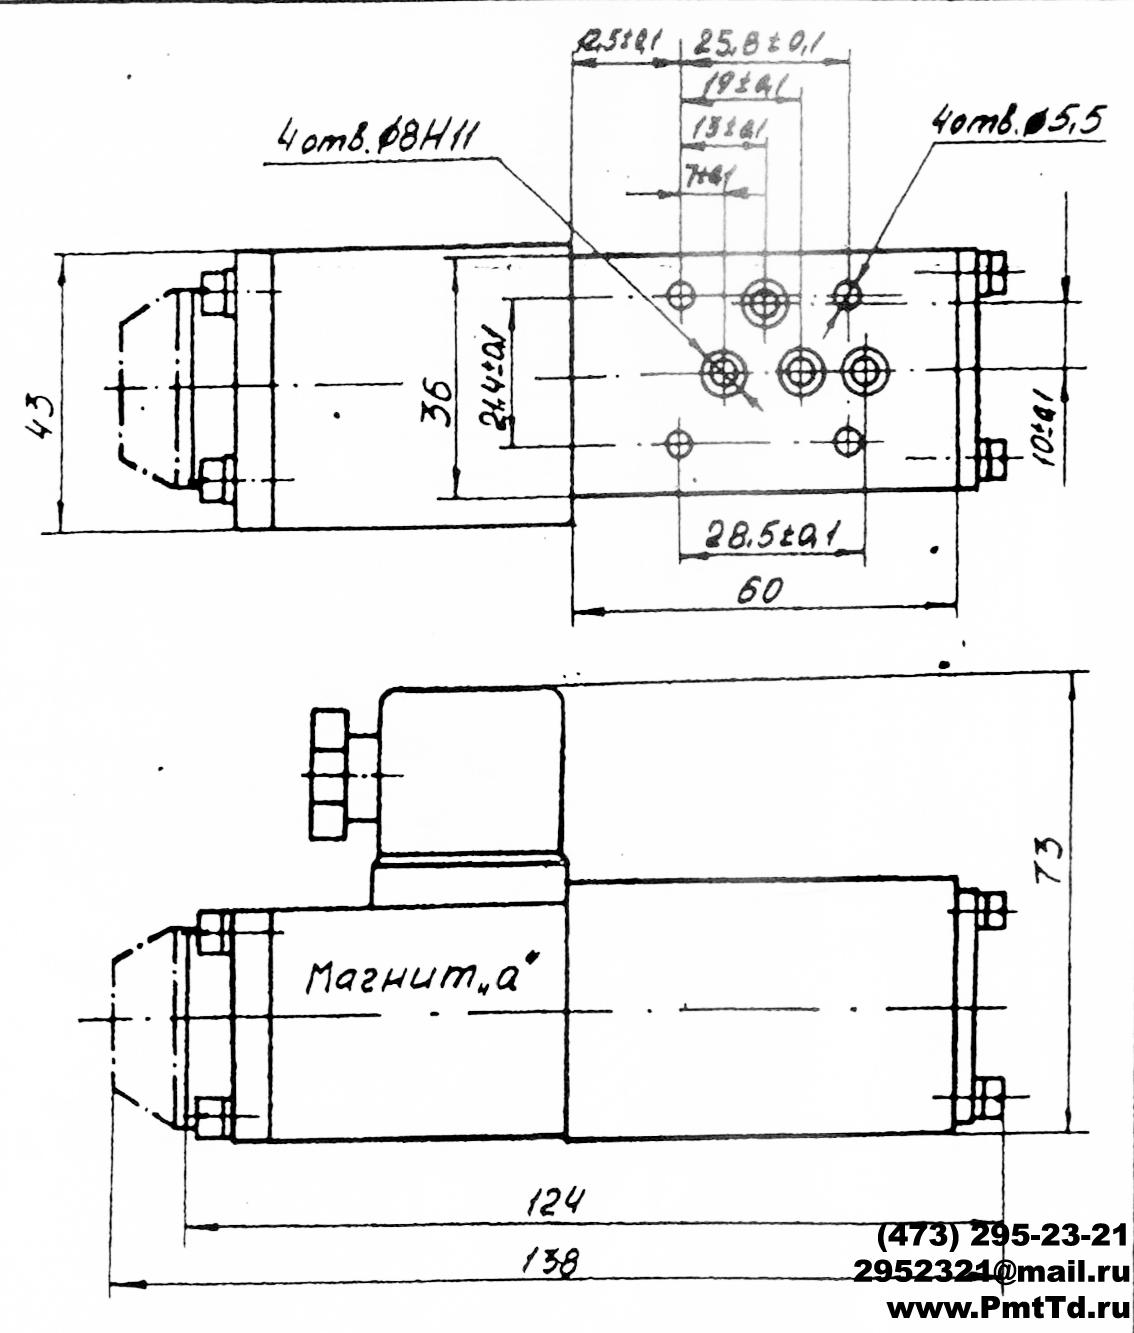 Основне габаритные и присоеденительные размеры 2-х озиционных гидрораспределителей ВЕ43-574А ВЕ43-573 ВЕ43754А